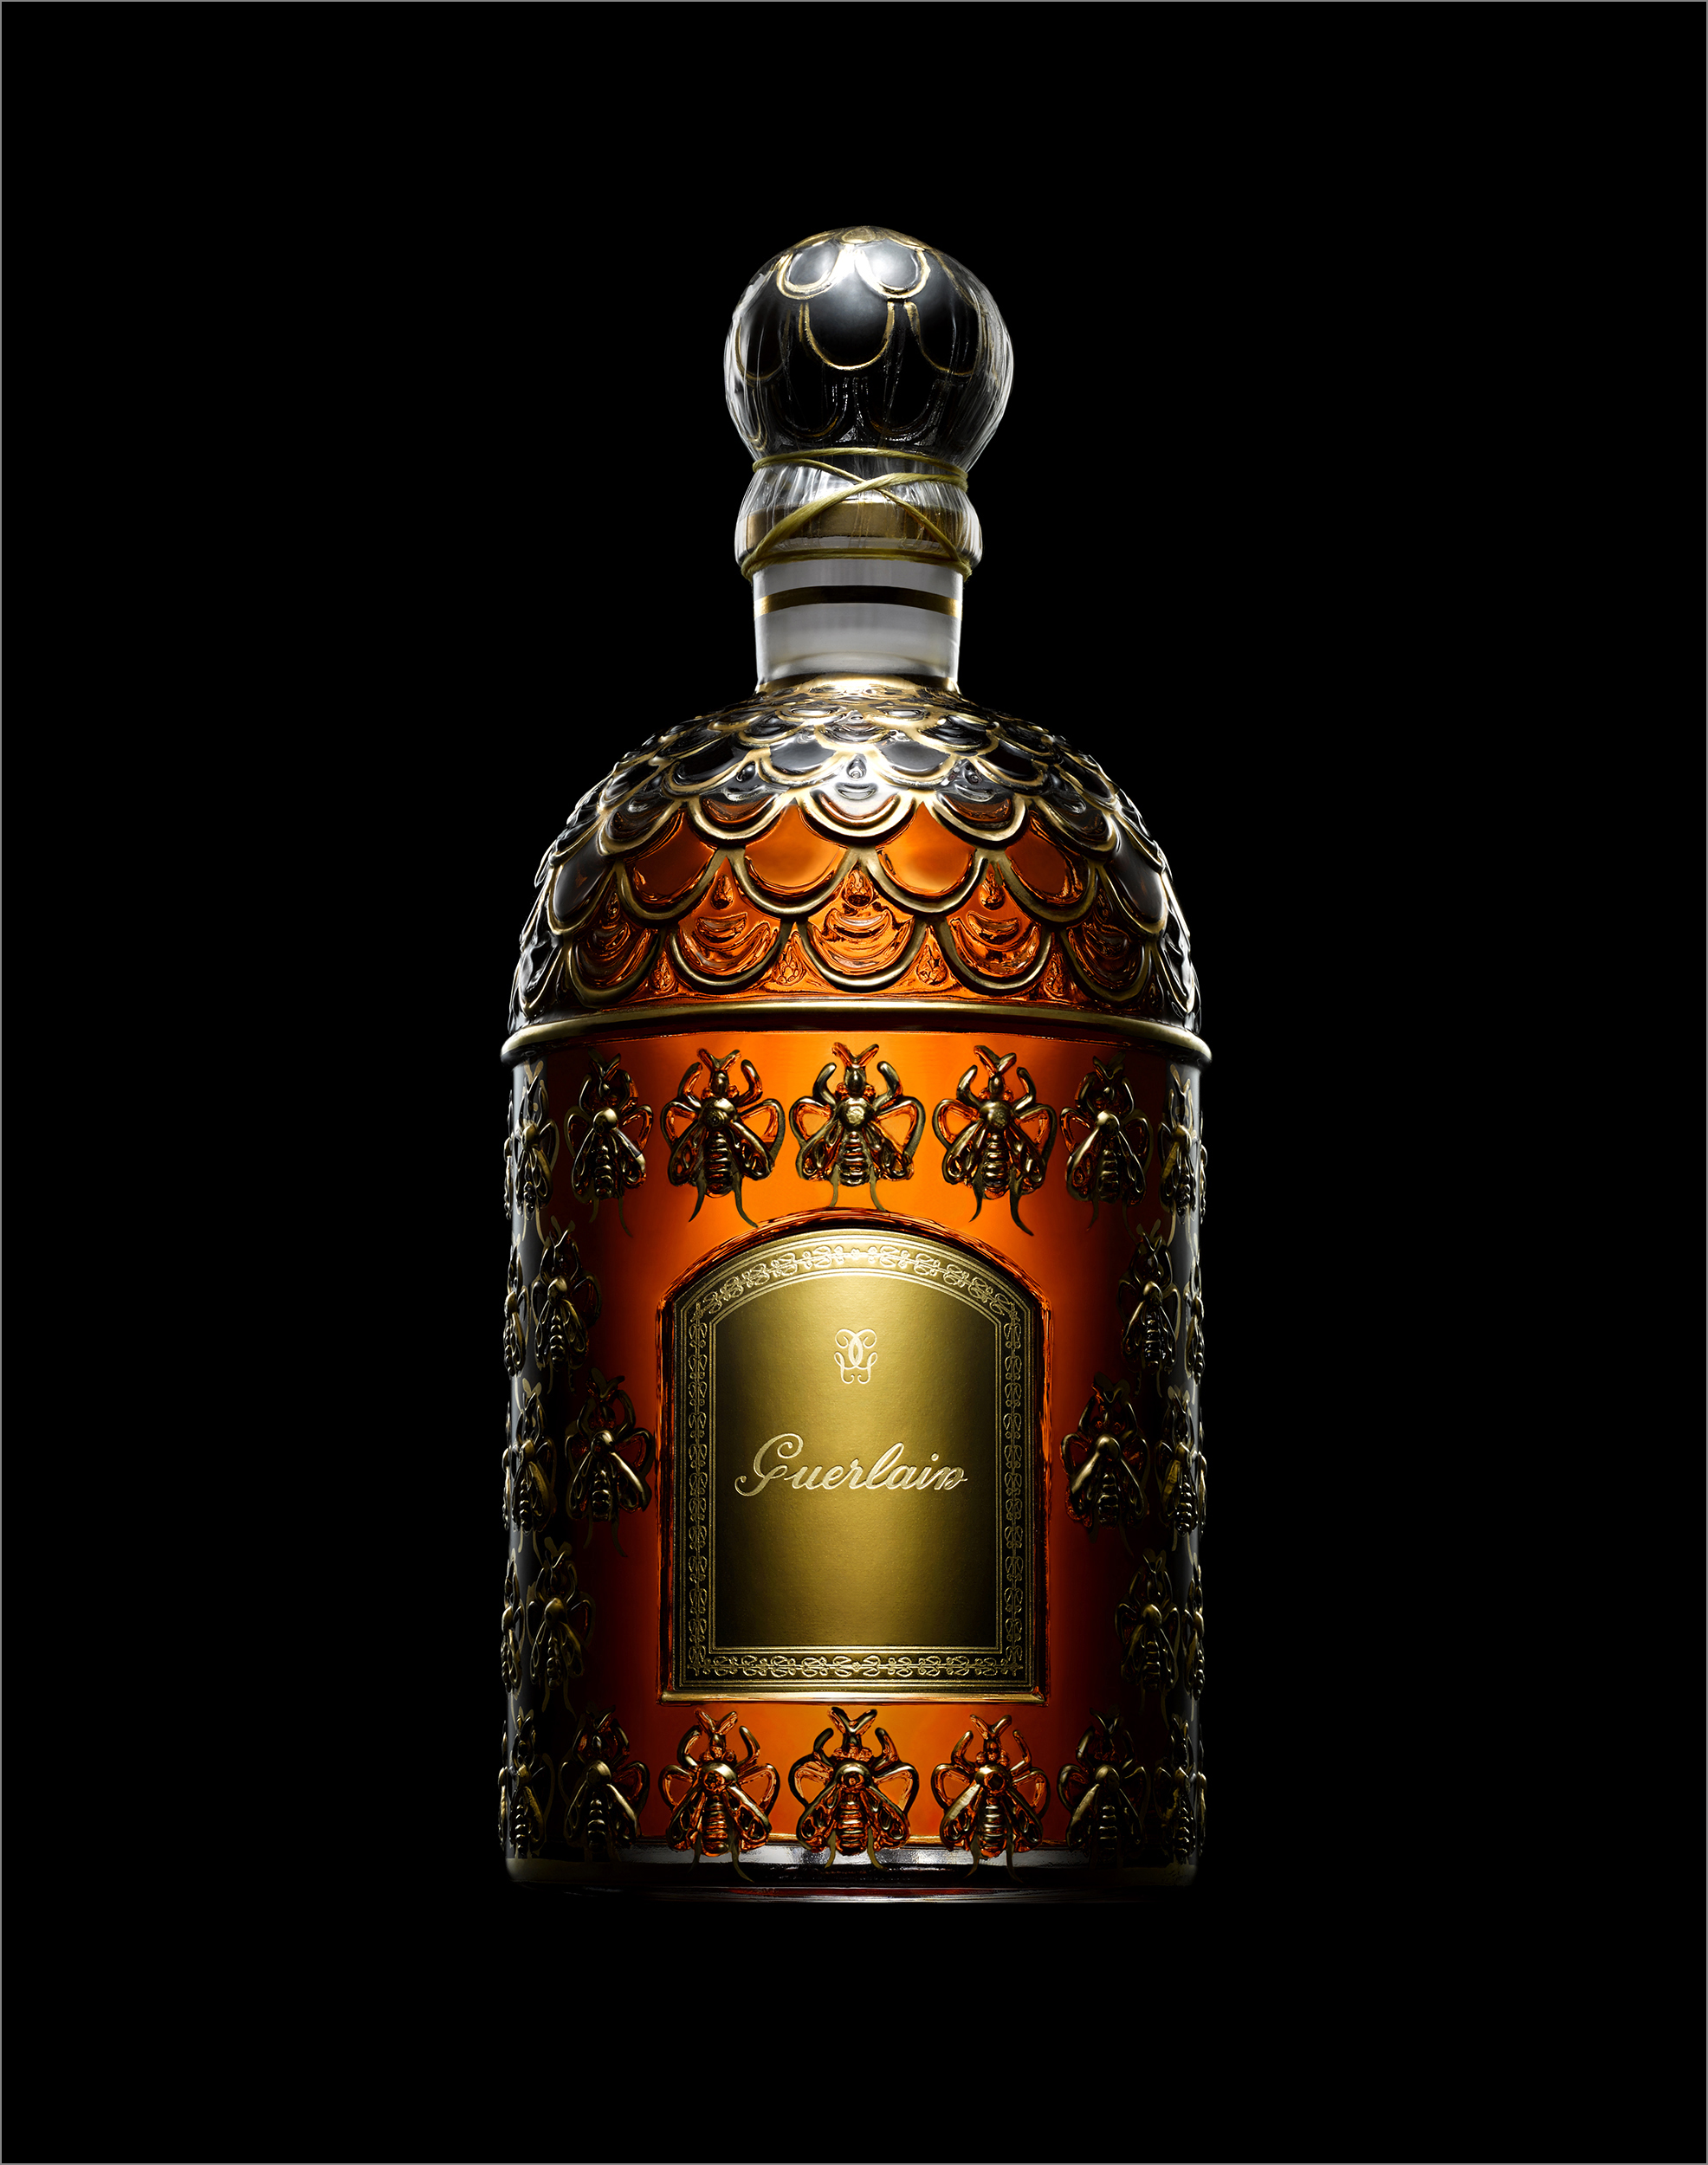 Guerlain 160th Anniversary Bottle copy.jpg